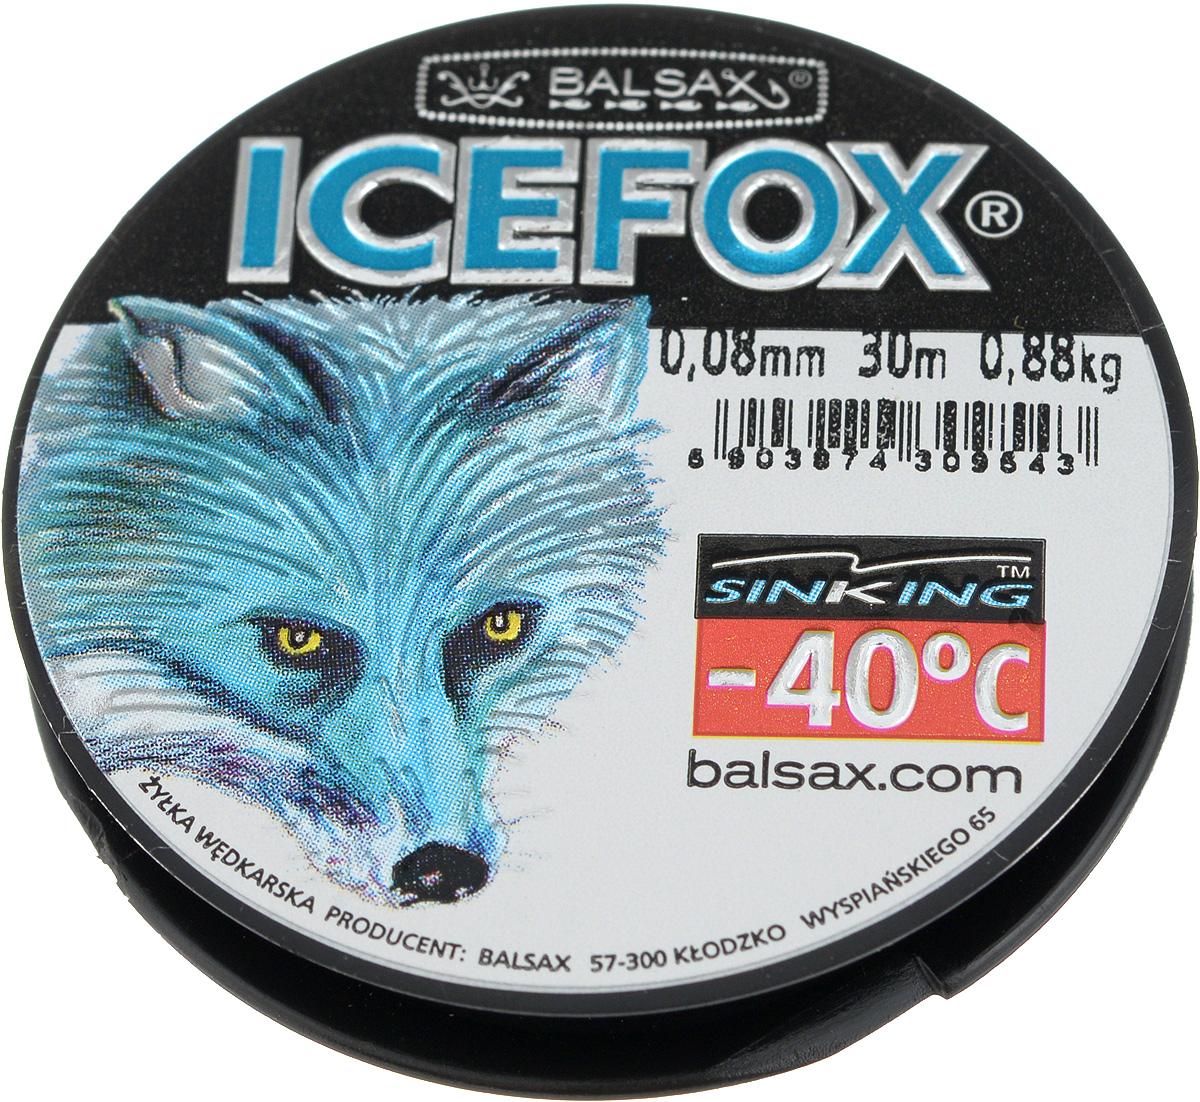 Леска зимняя Balsax Ice Fox, 30 м, 0,08 мм, 0,88 кг59281Леска Balsax Ice Fox изготовлена из 100% нейлона и очень хорошо выдерживаетнизкие температуры. Даже в самом холодном климате, при температуре вплотьдо -40°C, она сохраняет свои свойствапрактически без изменений, в то время как традиционные лески становятся менееэластичными и теряют прочность. Поверхность лески обработана таким образом, что она не обмерзает и отличноподходит для подледного лова. Прочна вместах вязки узлов даже при минимальном диаметре.